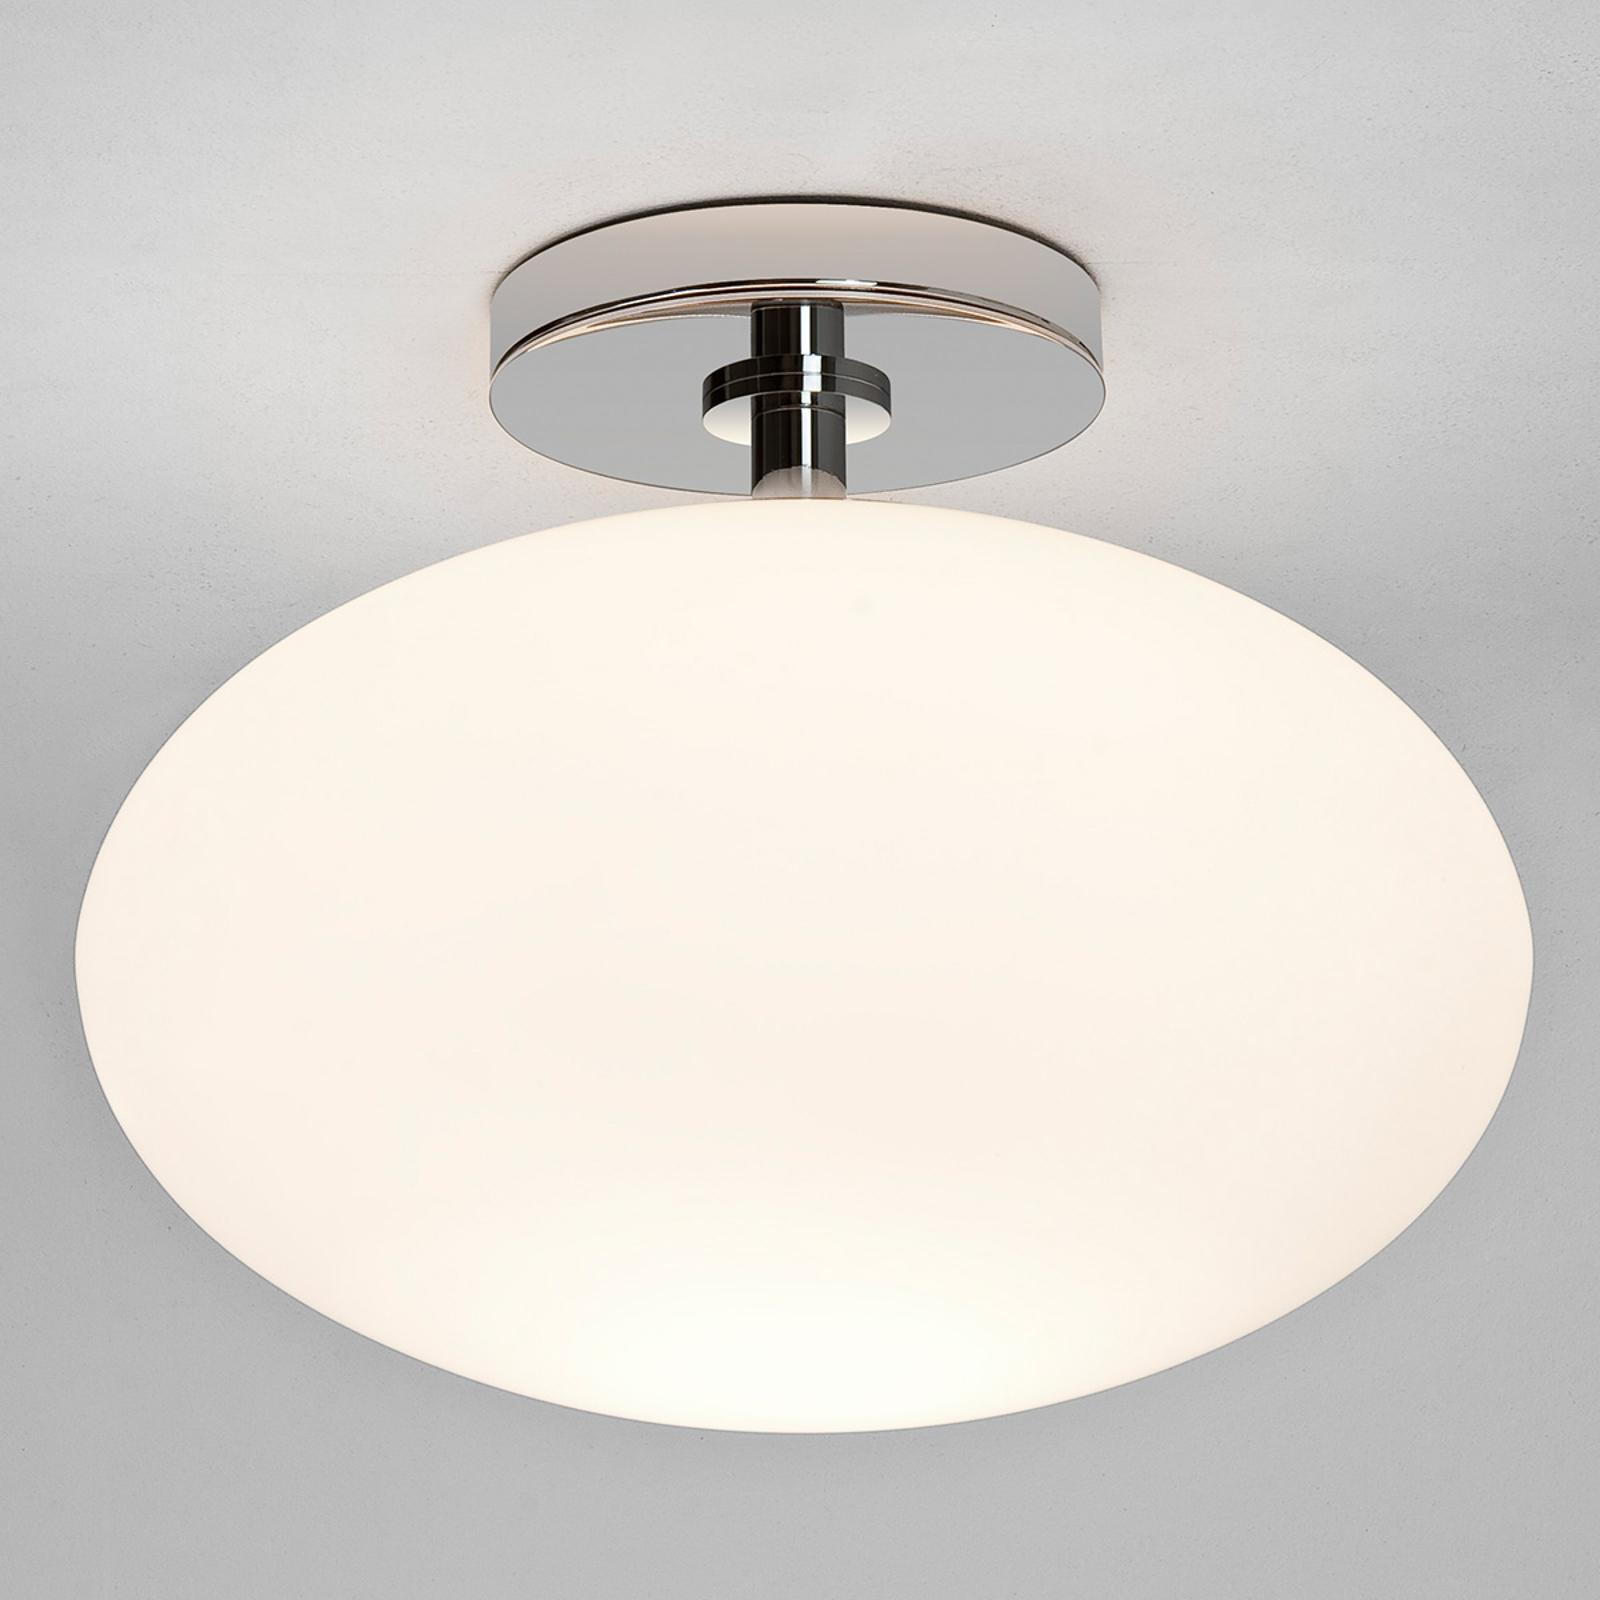 Oval taklampa Zeppo för badrummet